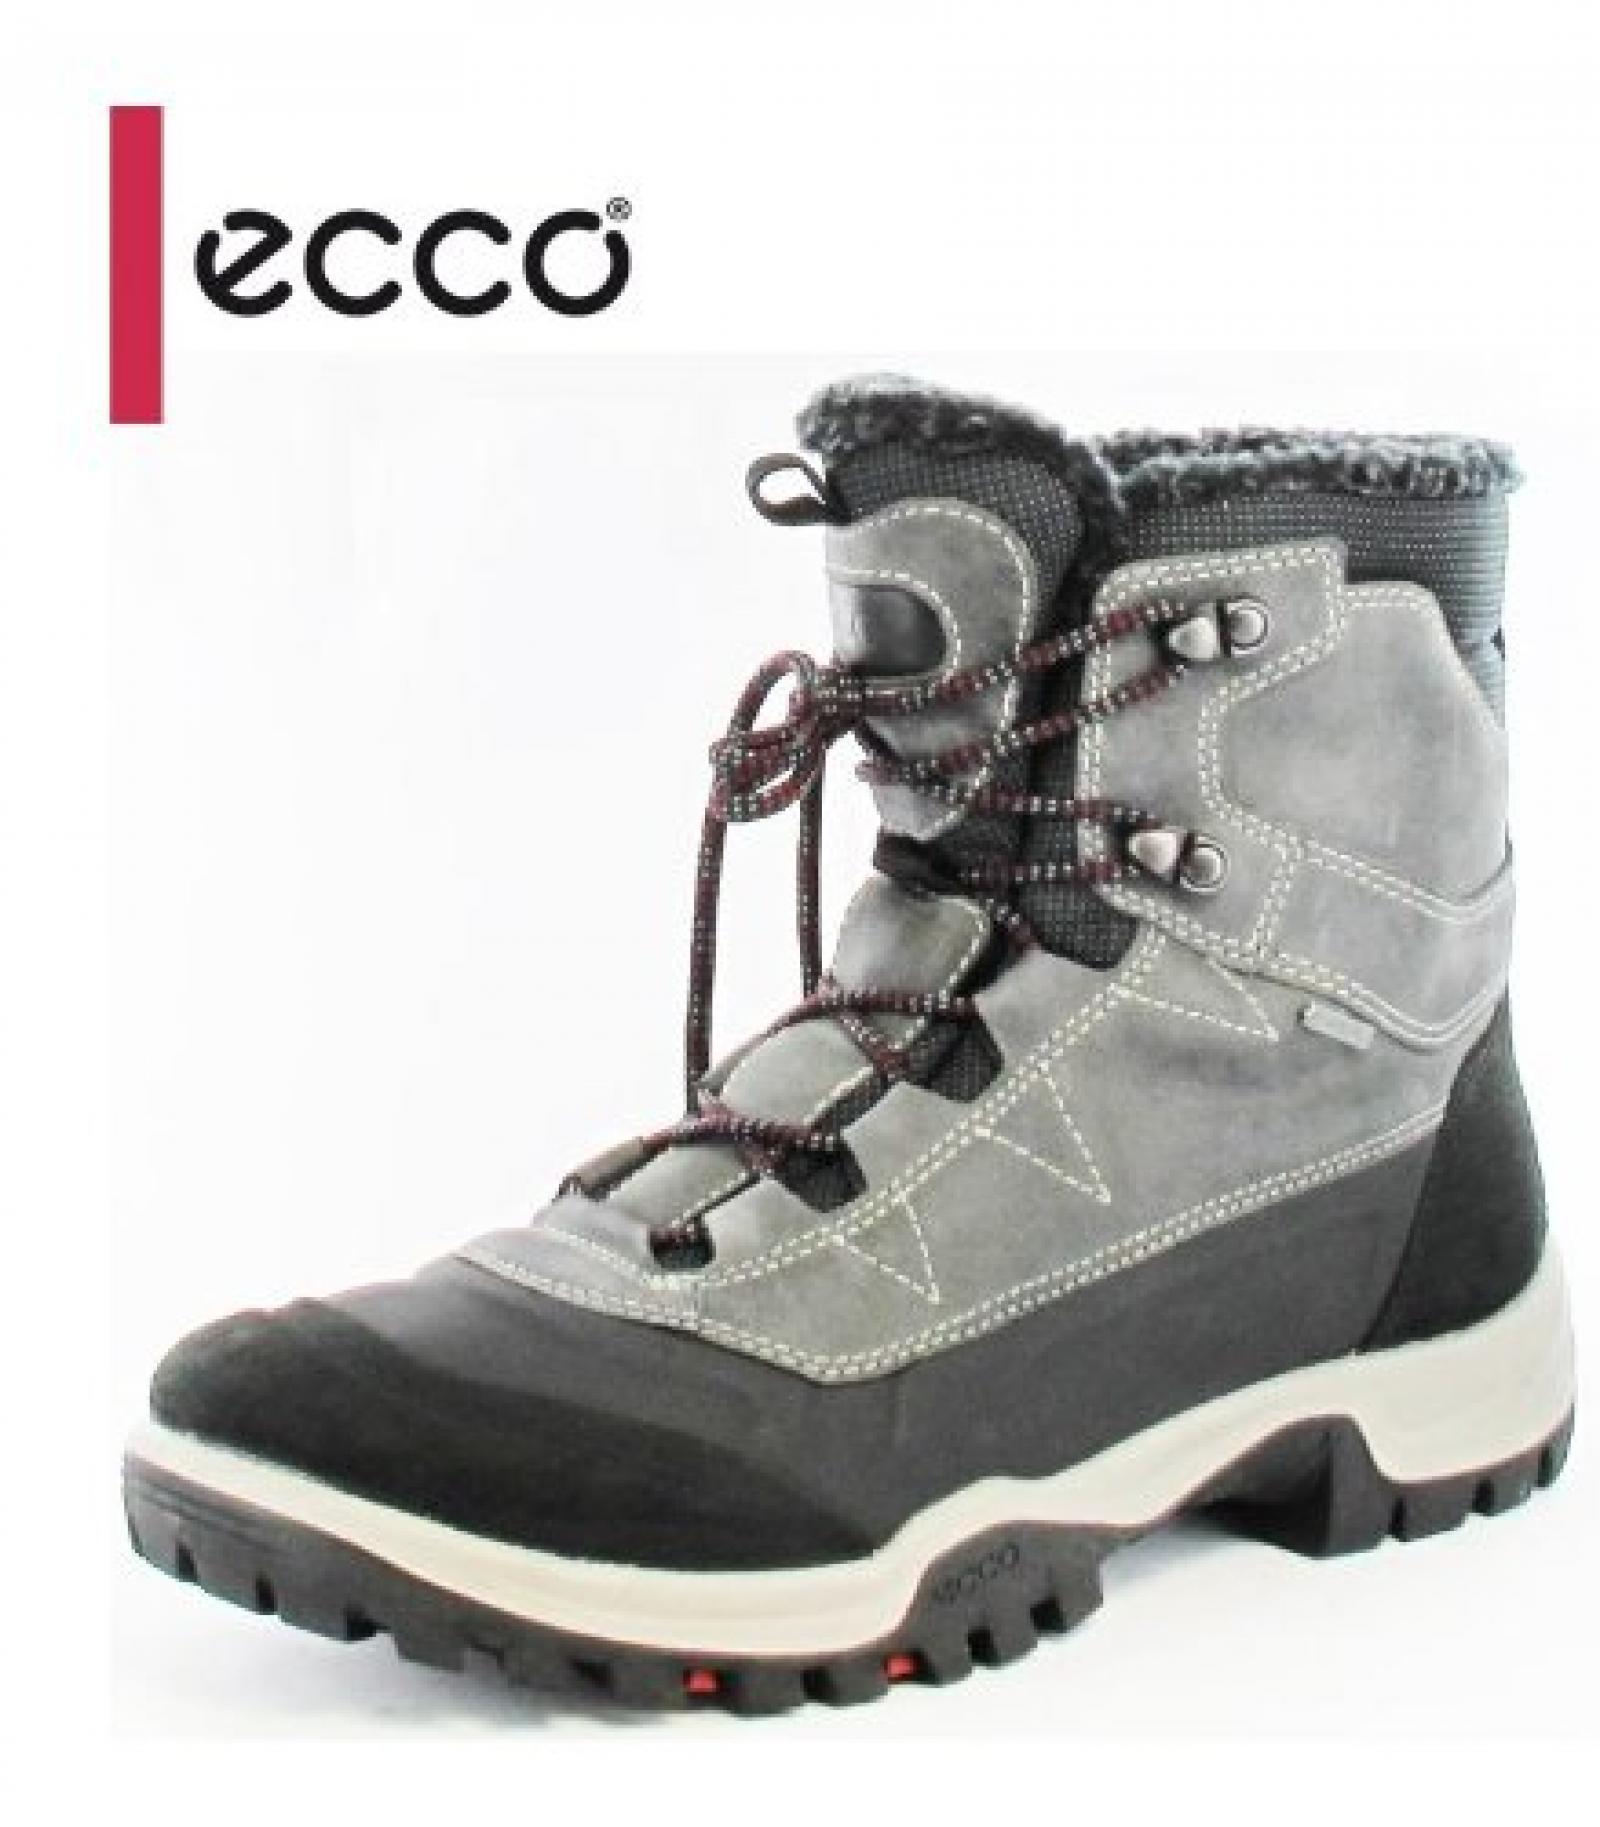 Ecco - Warmer Boot Xpedition III von ECCO für die Herren